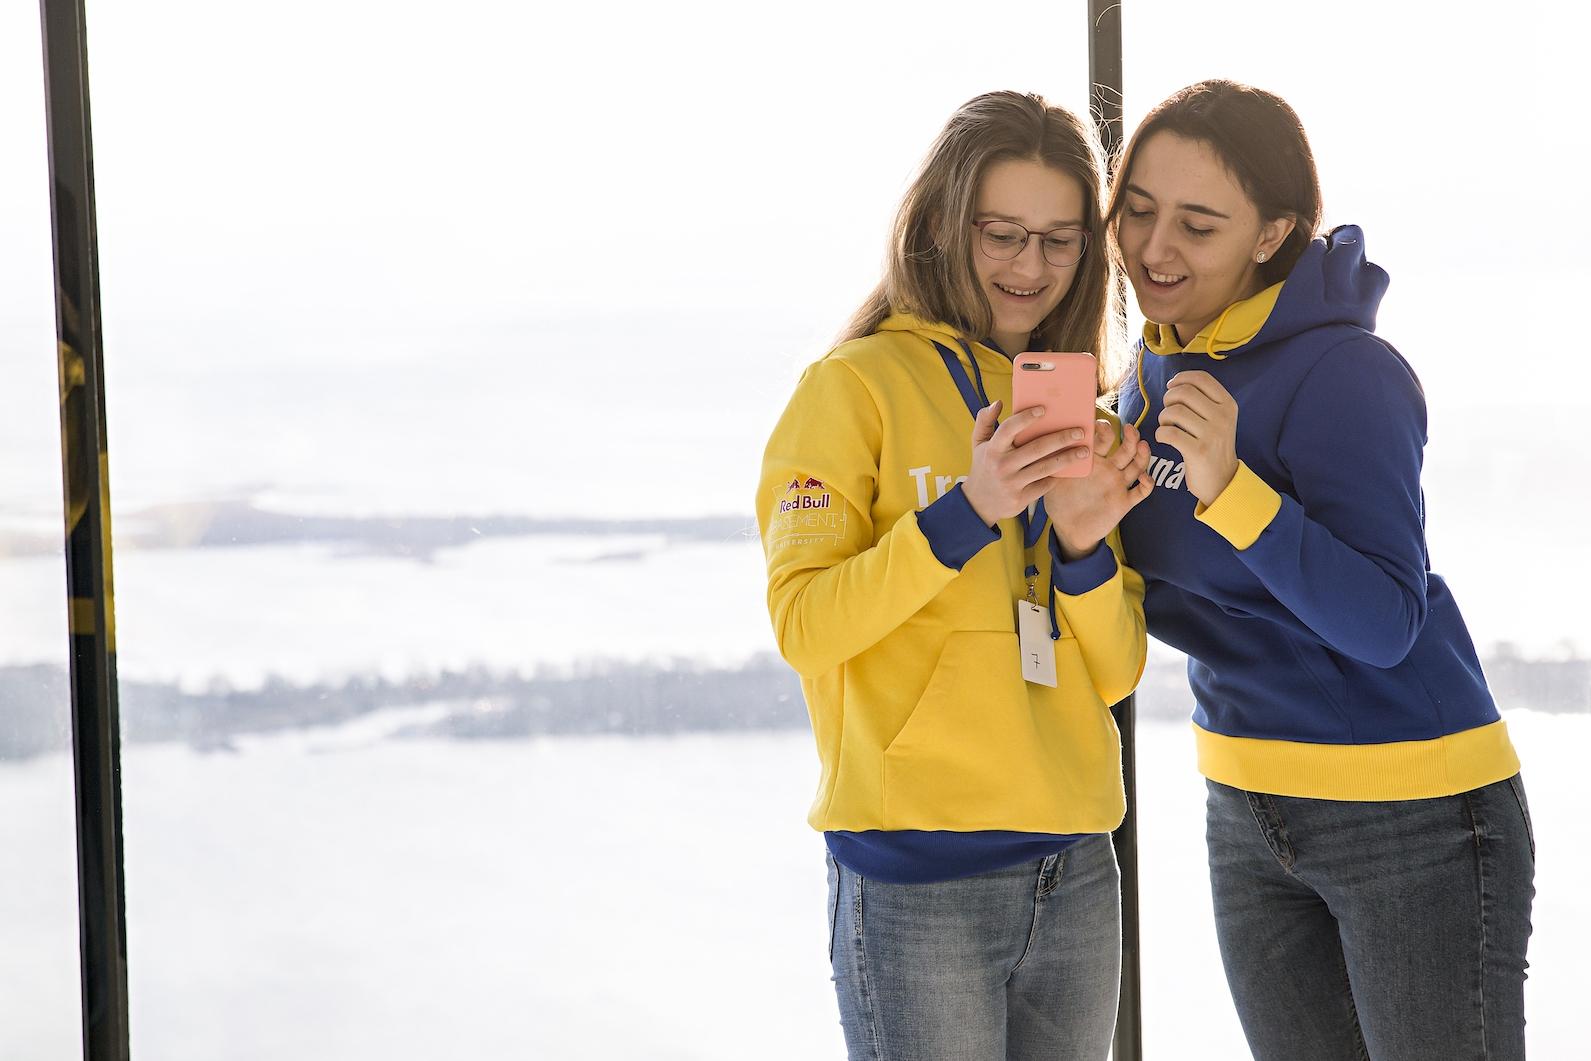 Проект Red Bull Basement 2020 приглашает студентов воплощать свои мечты в реальность и менять мир - фото №2